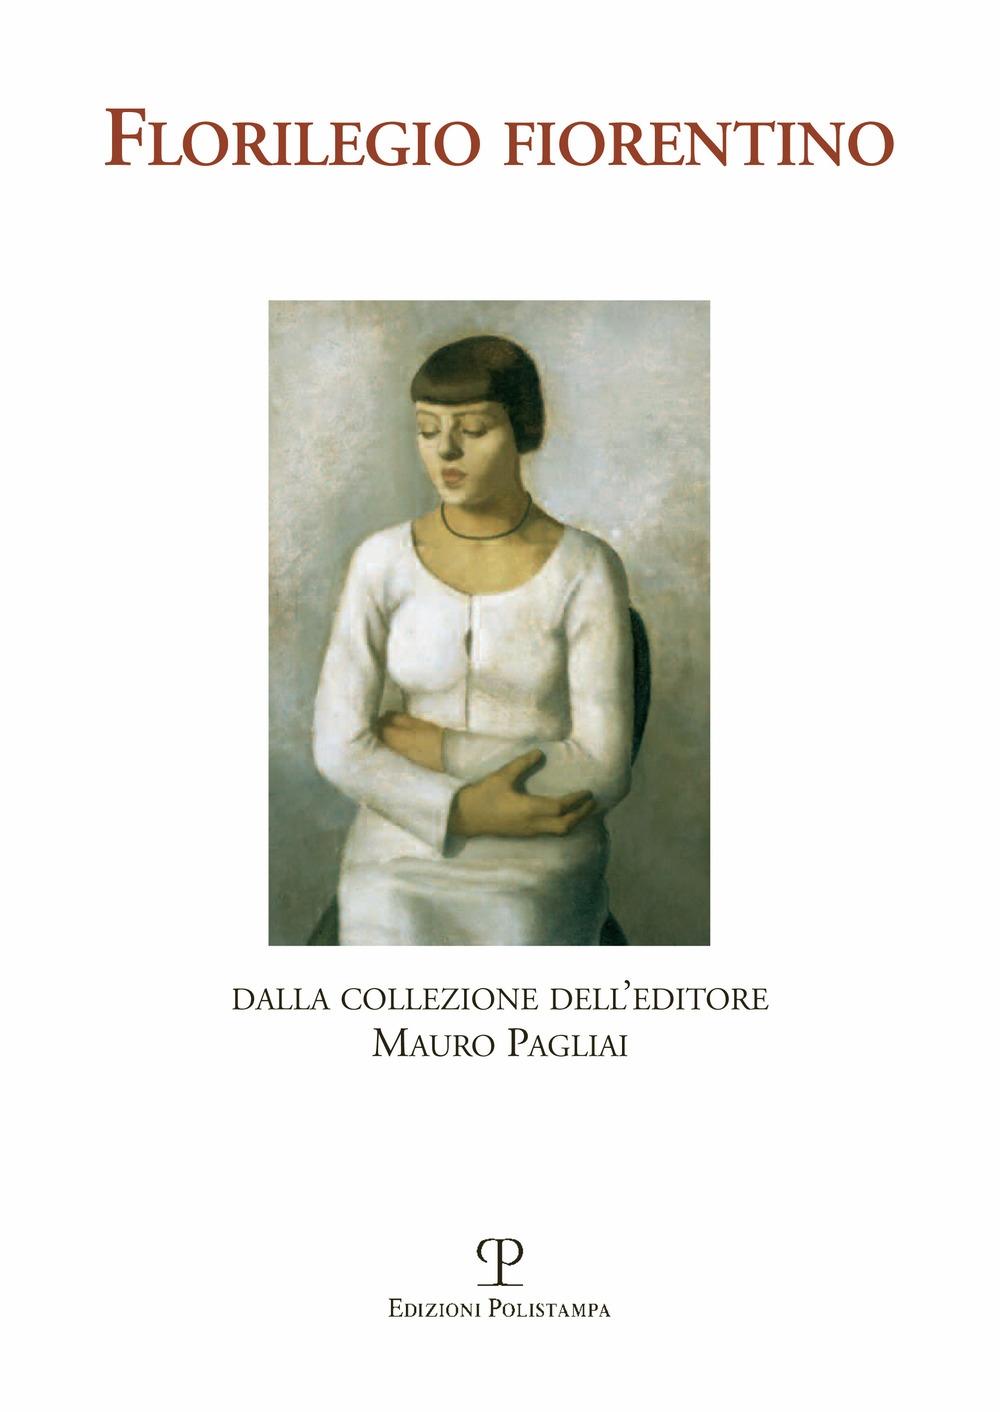 Florilegio fiorentino. Dalla collezione dell'editore Mauro Pagliai